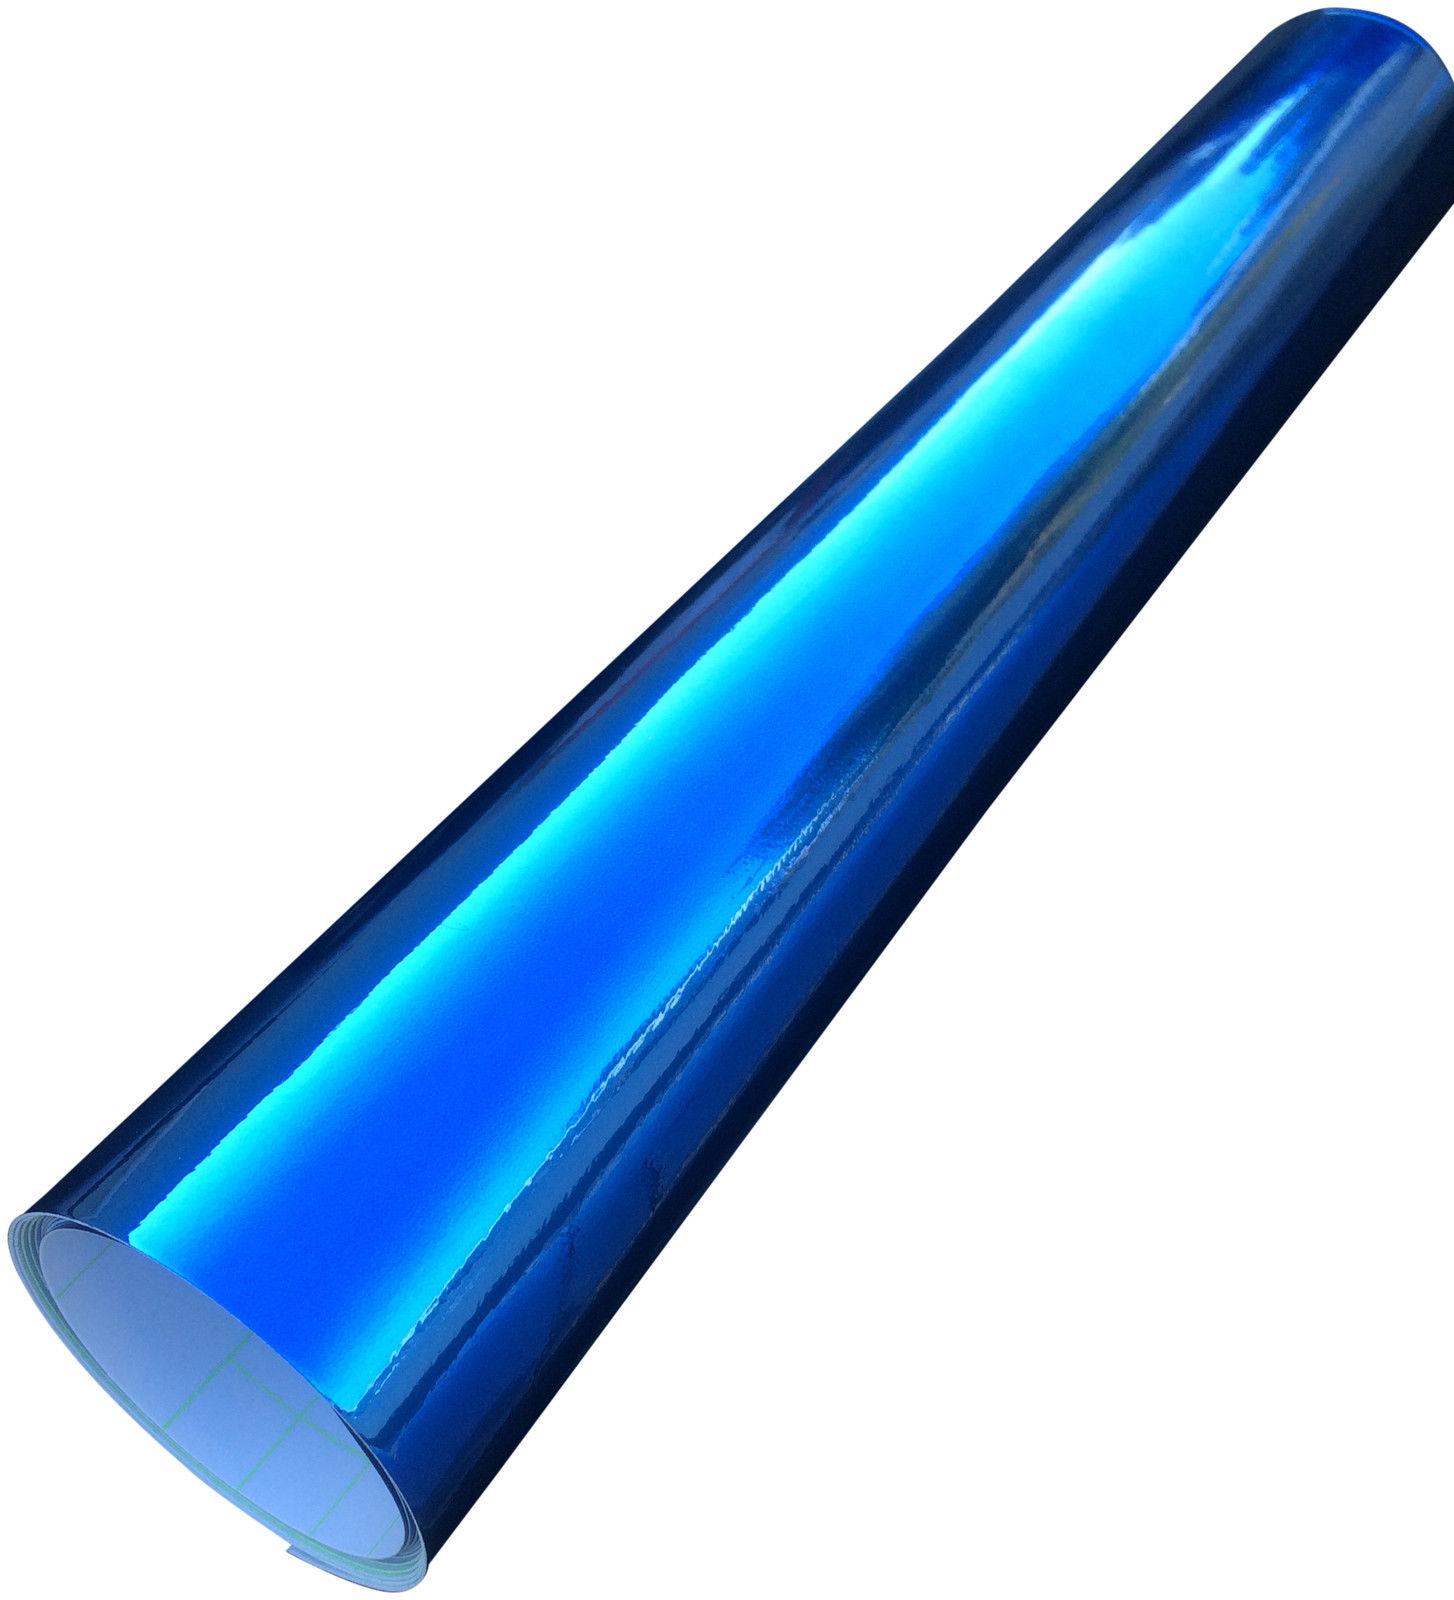 Miroir-Chrome-Voiture-Vinyle-Wrap-Air-Bulle-Gratuit-Divers-Taille-amp-Couleurs